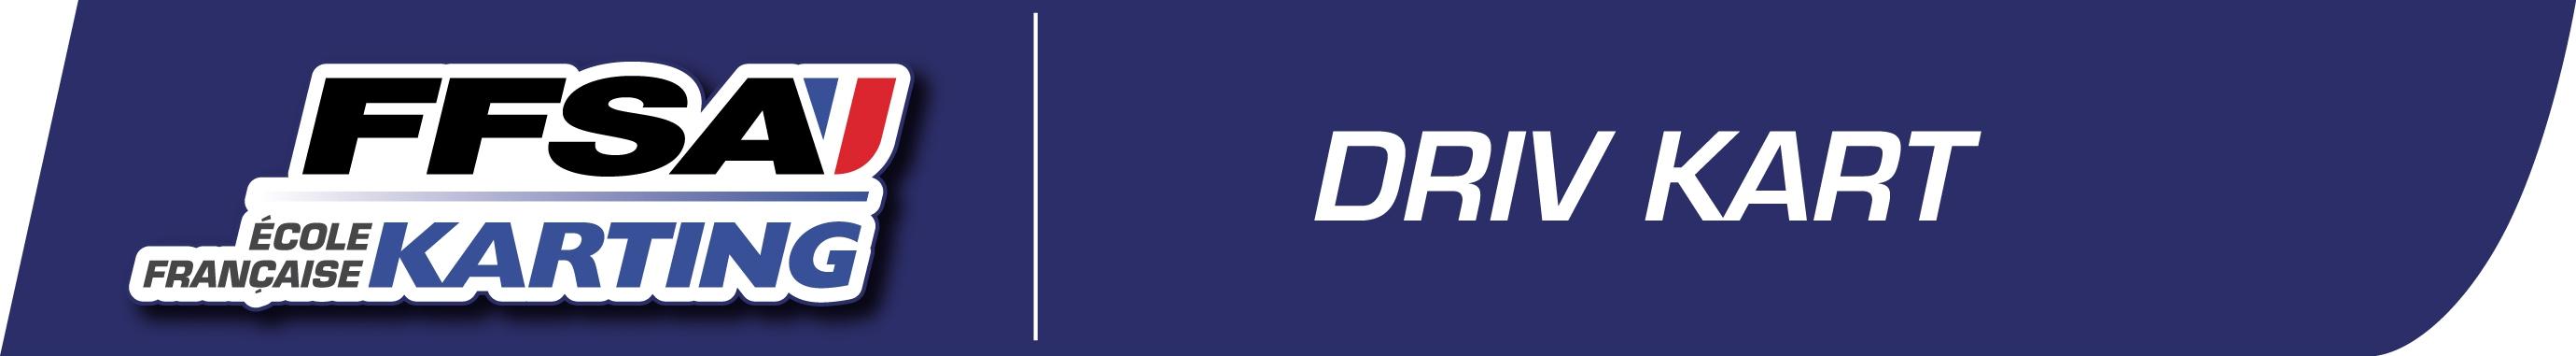 EFK_DrivKart.JPG